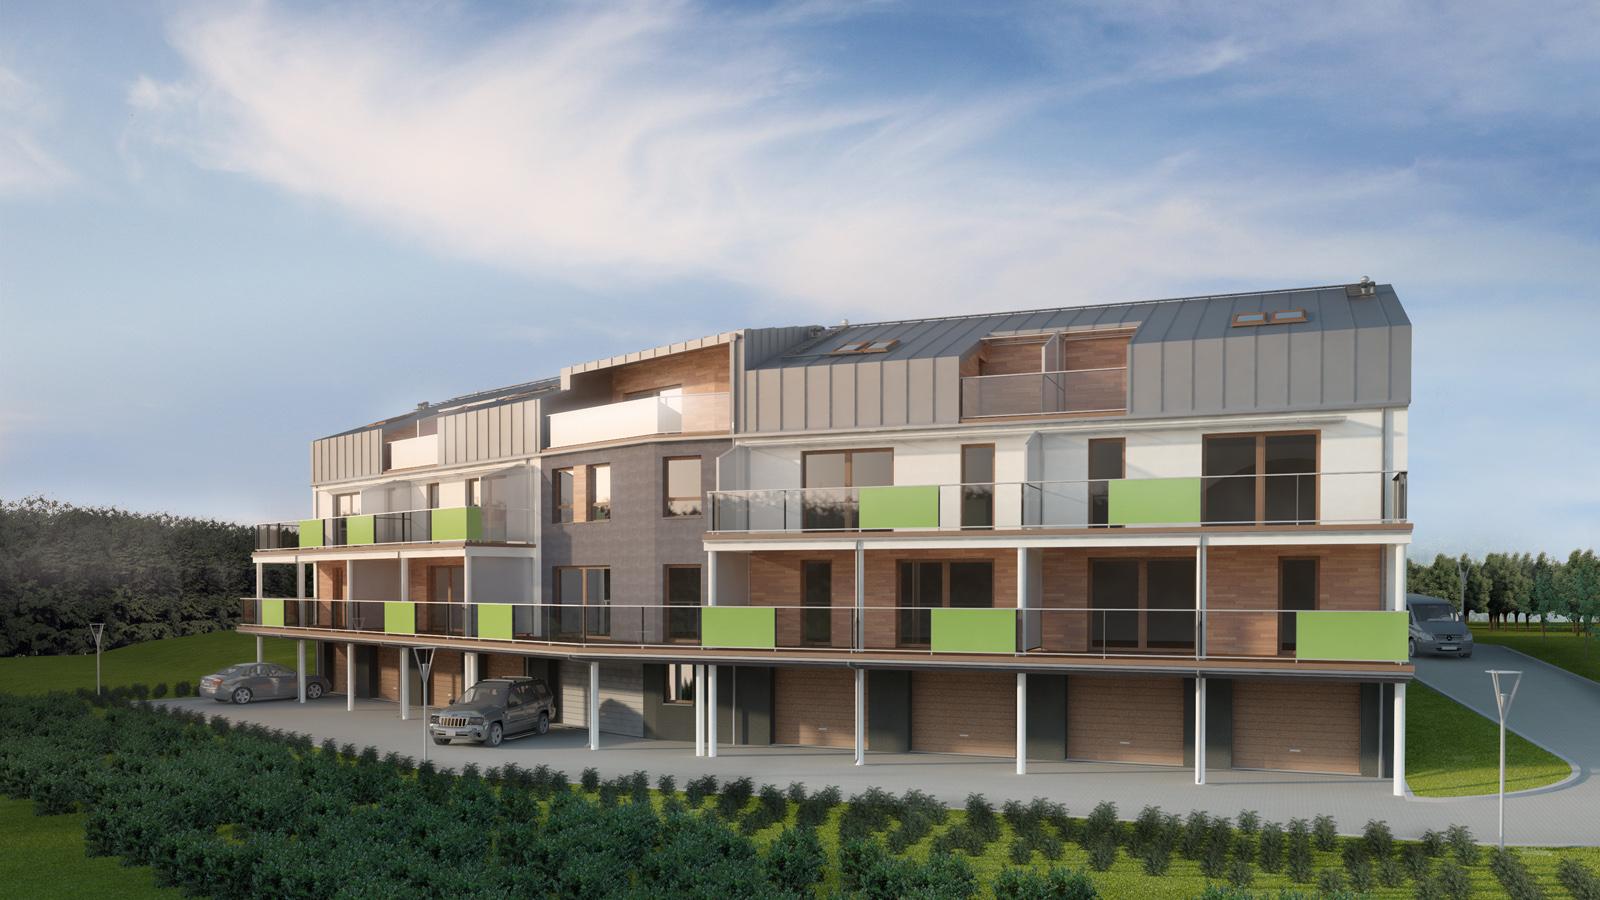 Severyn Projekt - Budowa zespołu domów jednorodzinnych w Mysłowicach